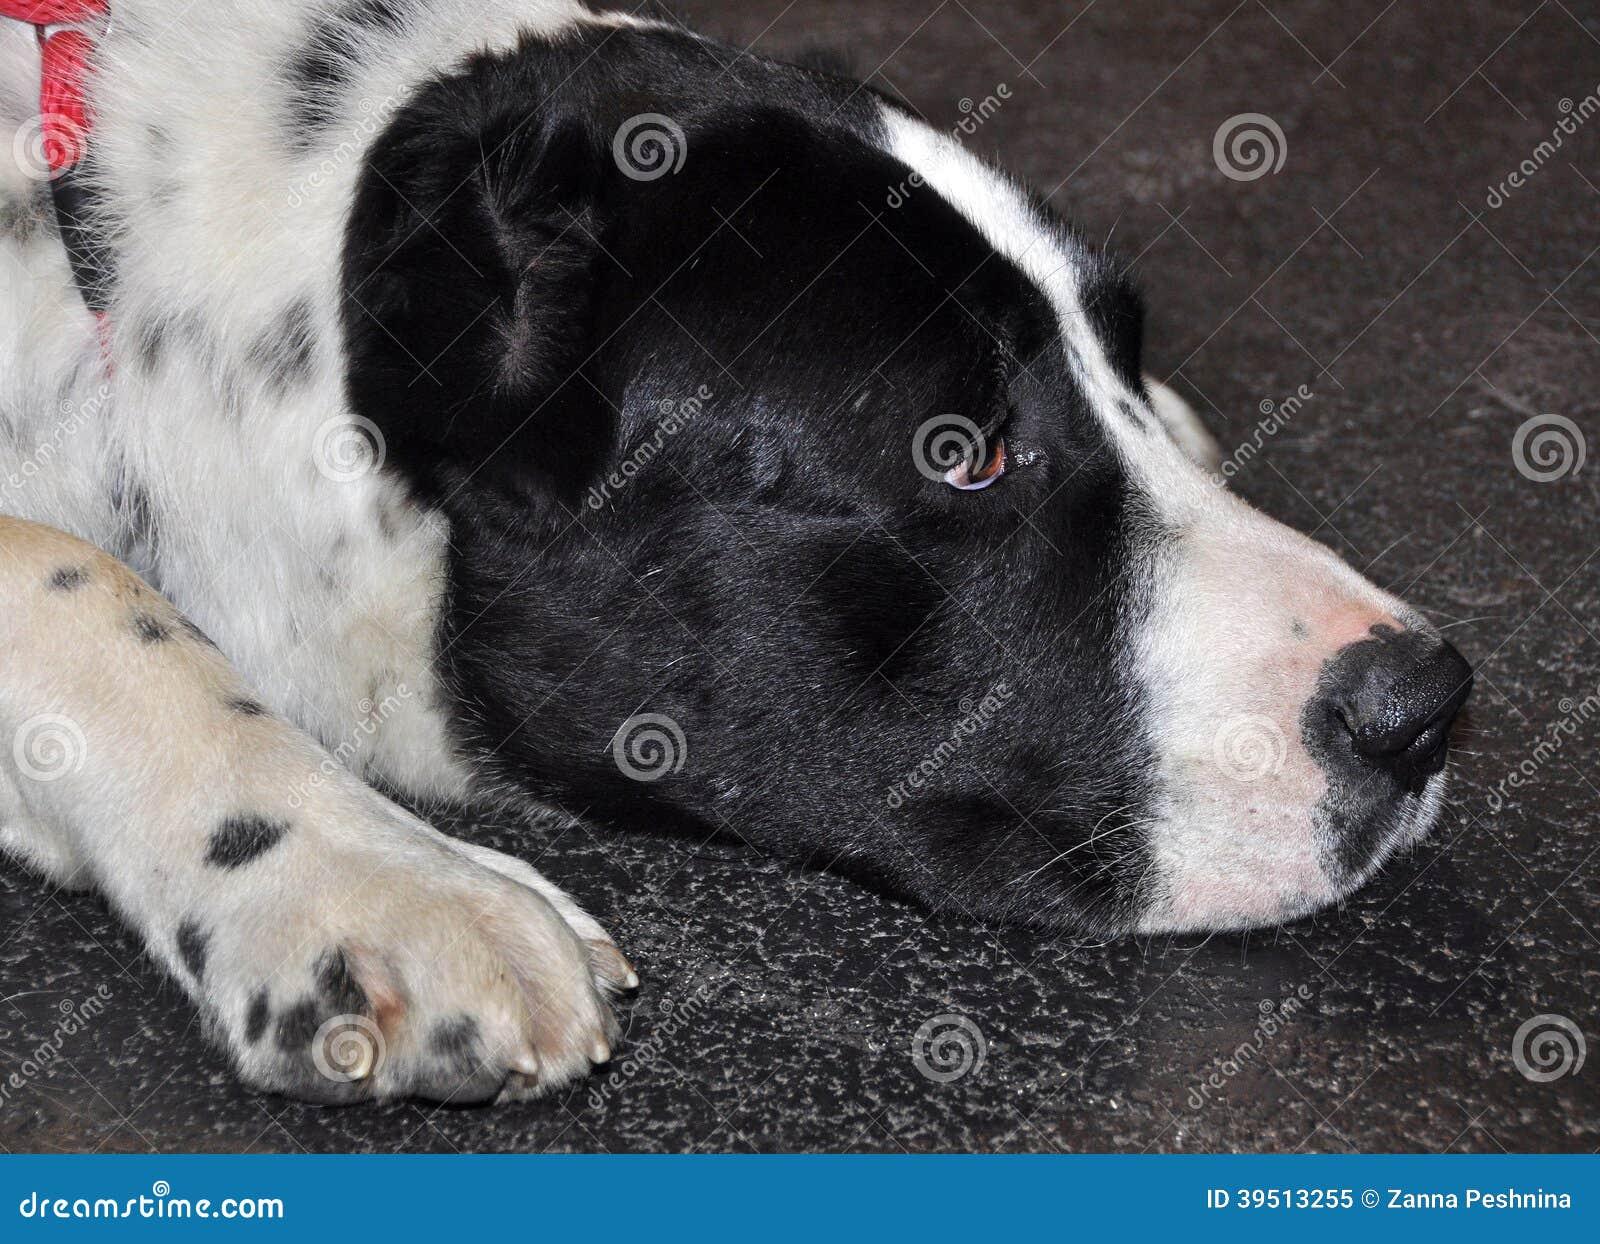 Alabai big dog sleeping